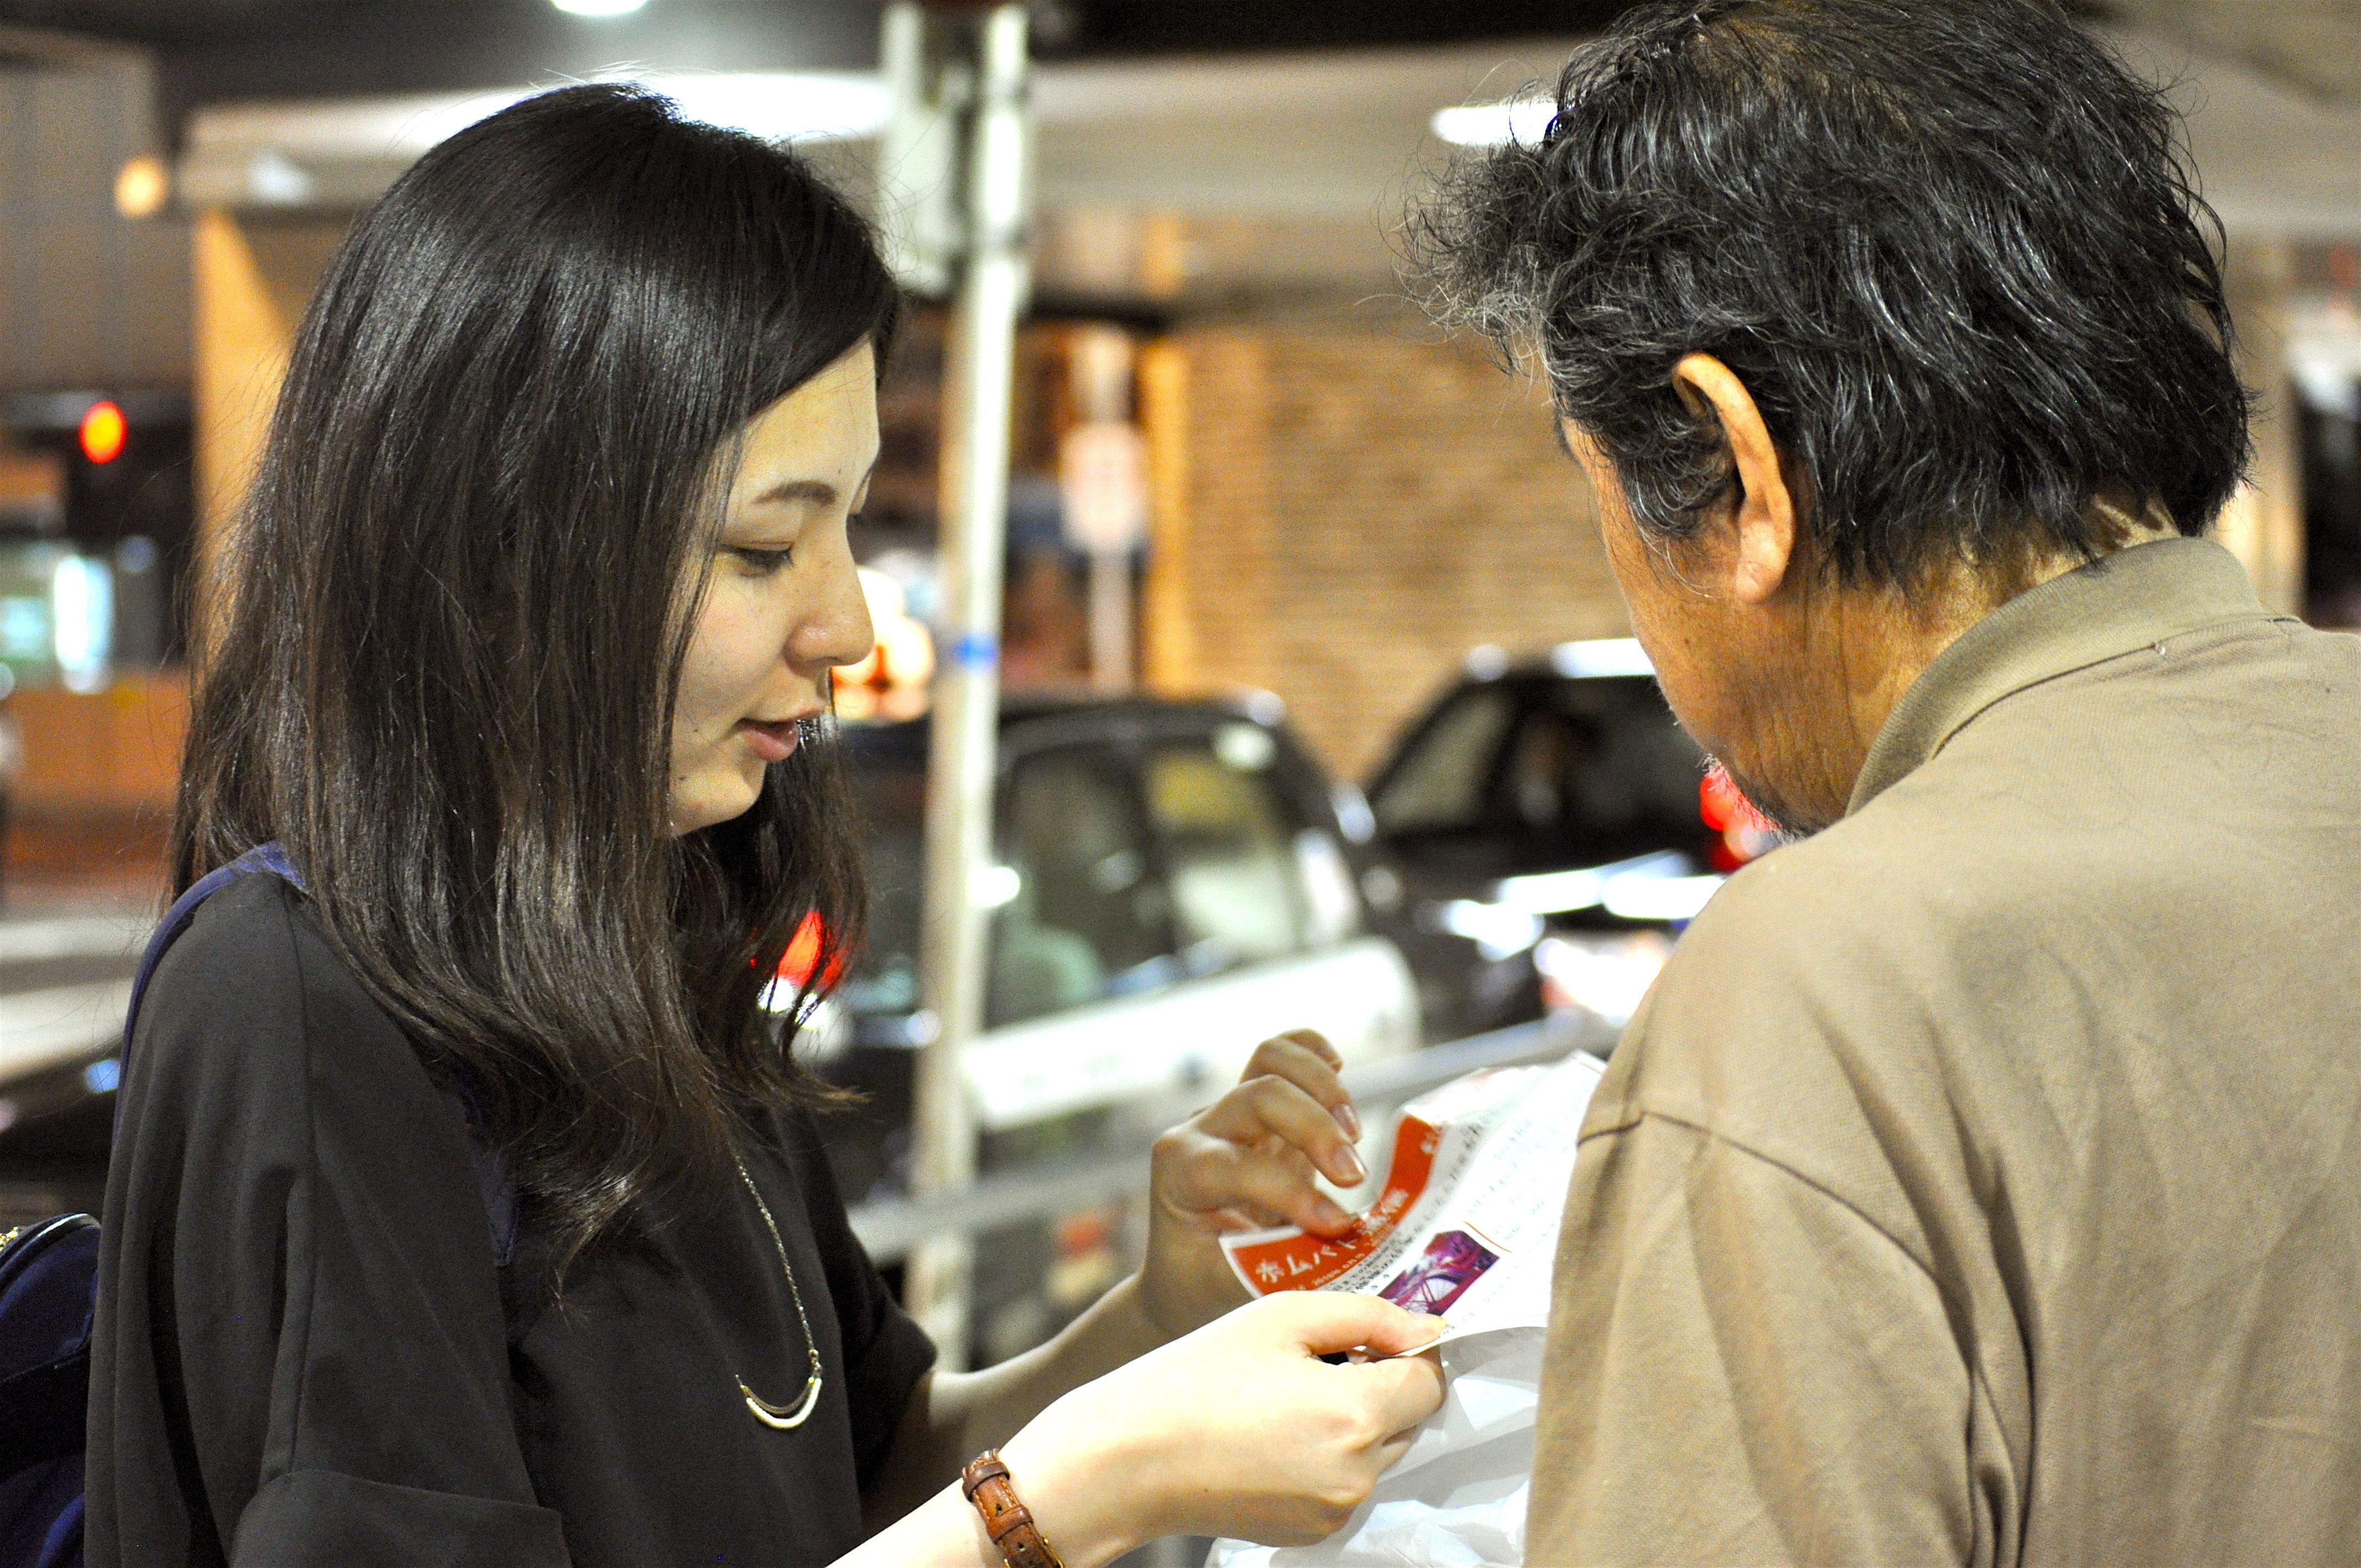 ホームレスの方々への支援活動で夜回りをするNPO法人Homedoorの理事兼事務局長の松本浩美さん